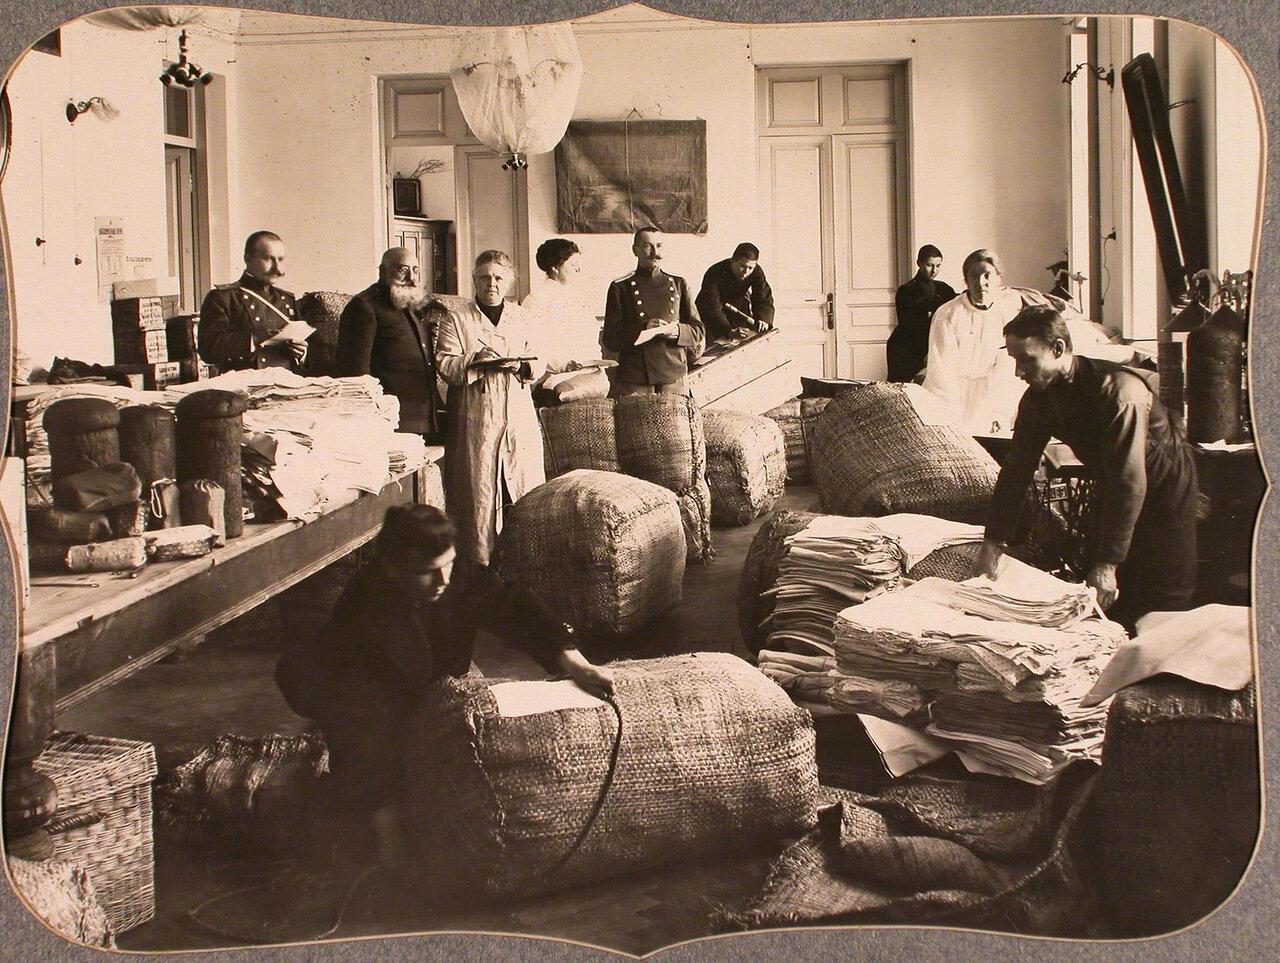 22. Работники и представители Красного Креста за упаковкой вещей для отправки в действующую армию в одном из помещений общины